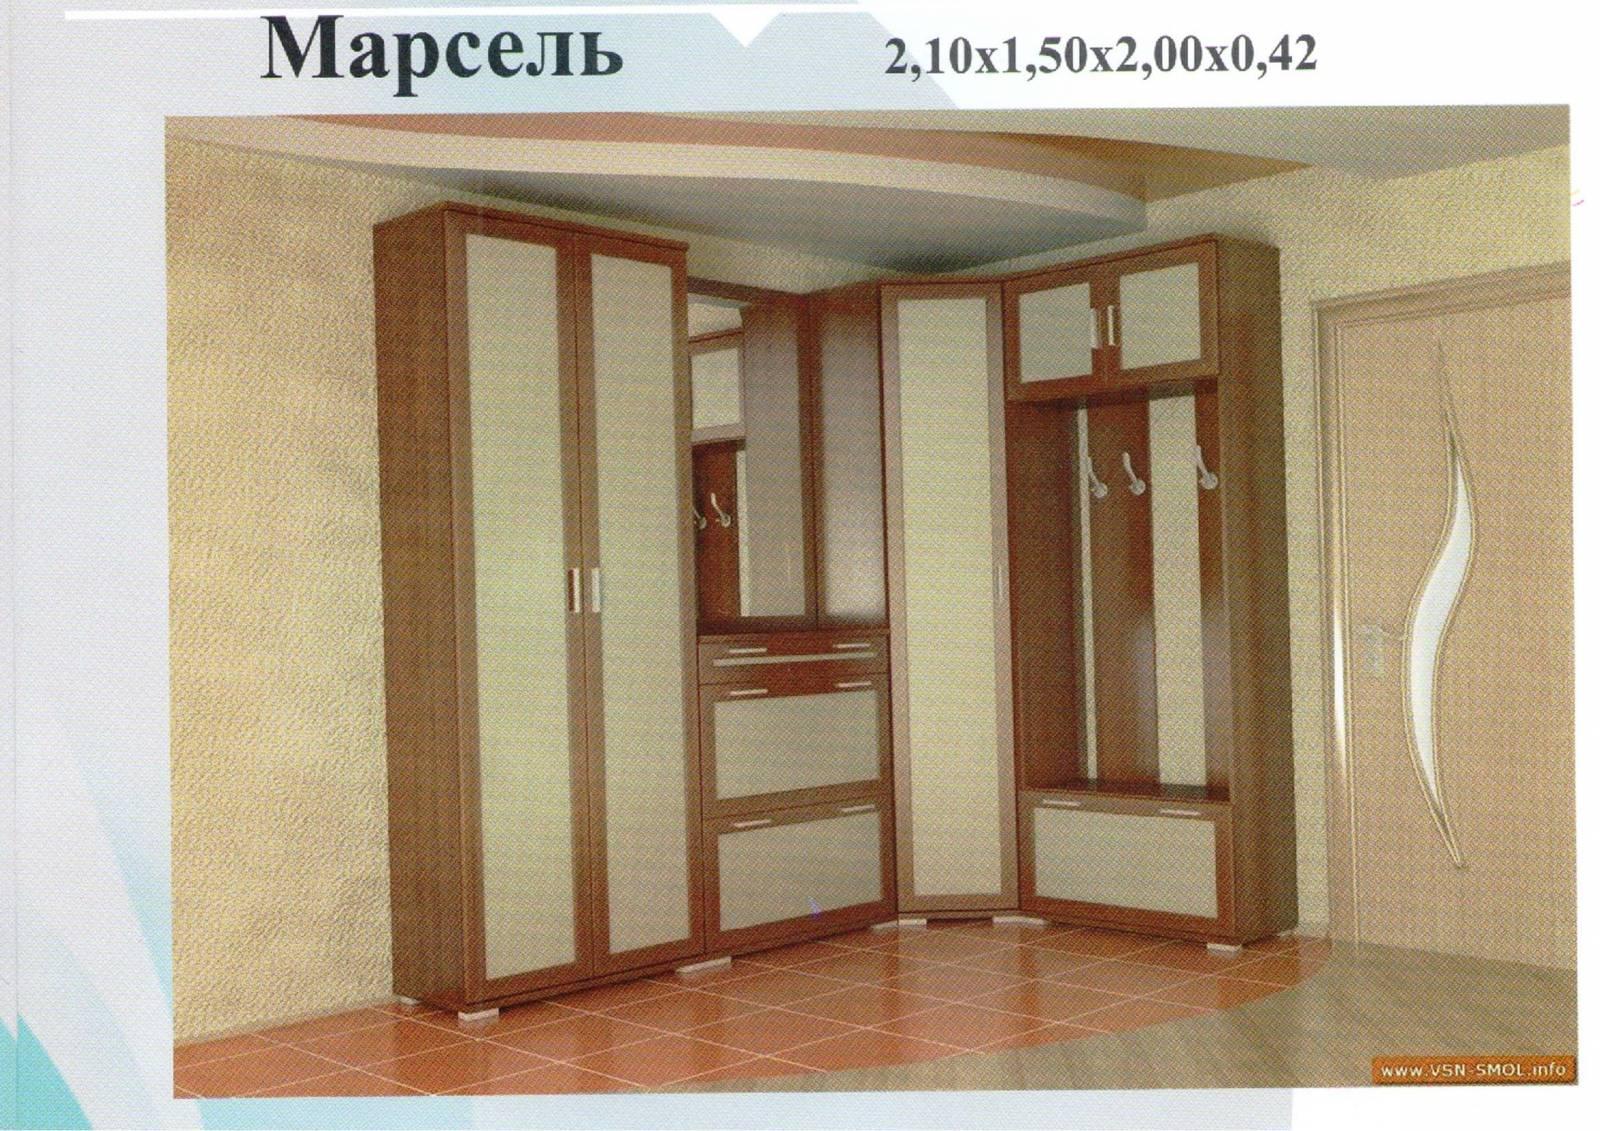 """Мебельная фабрика """"регина"""", г. кузнецк / прихожая """"марсель""""."""